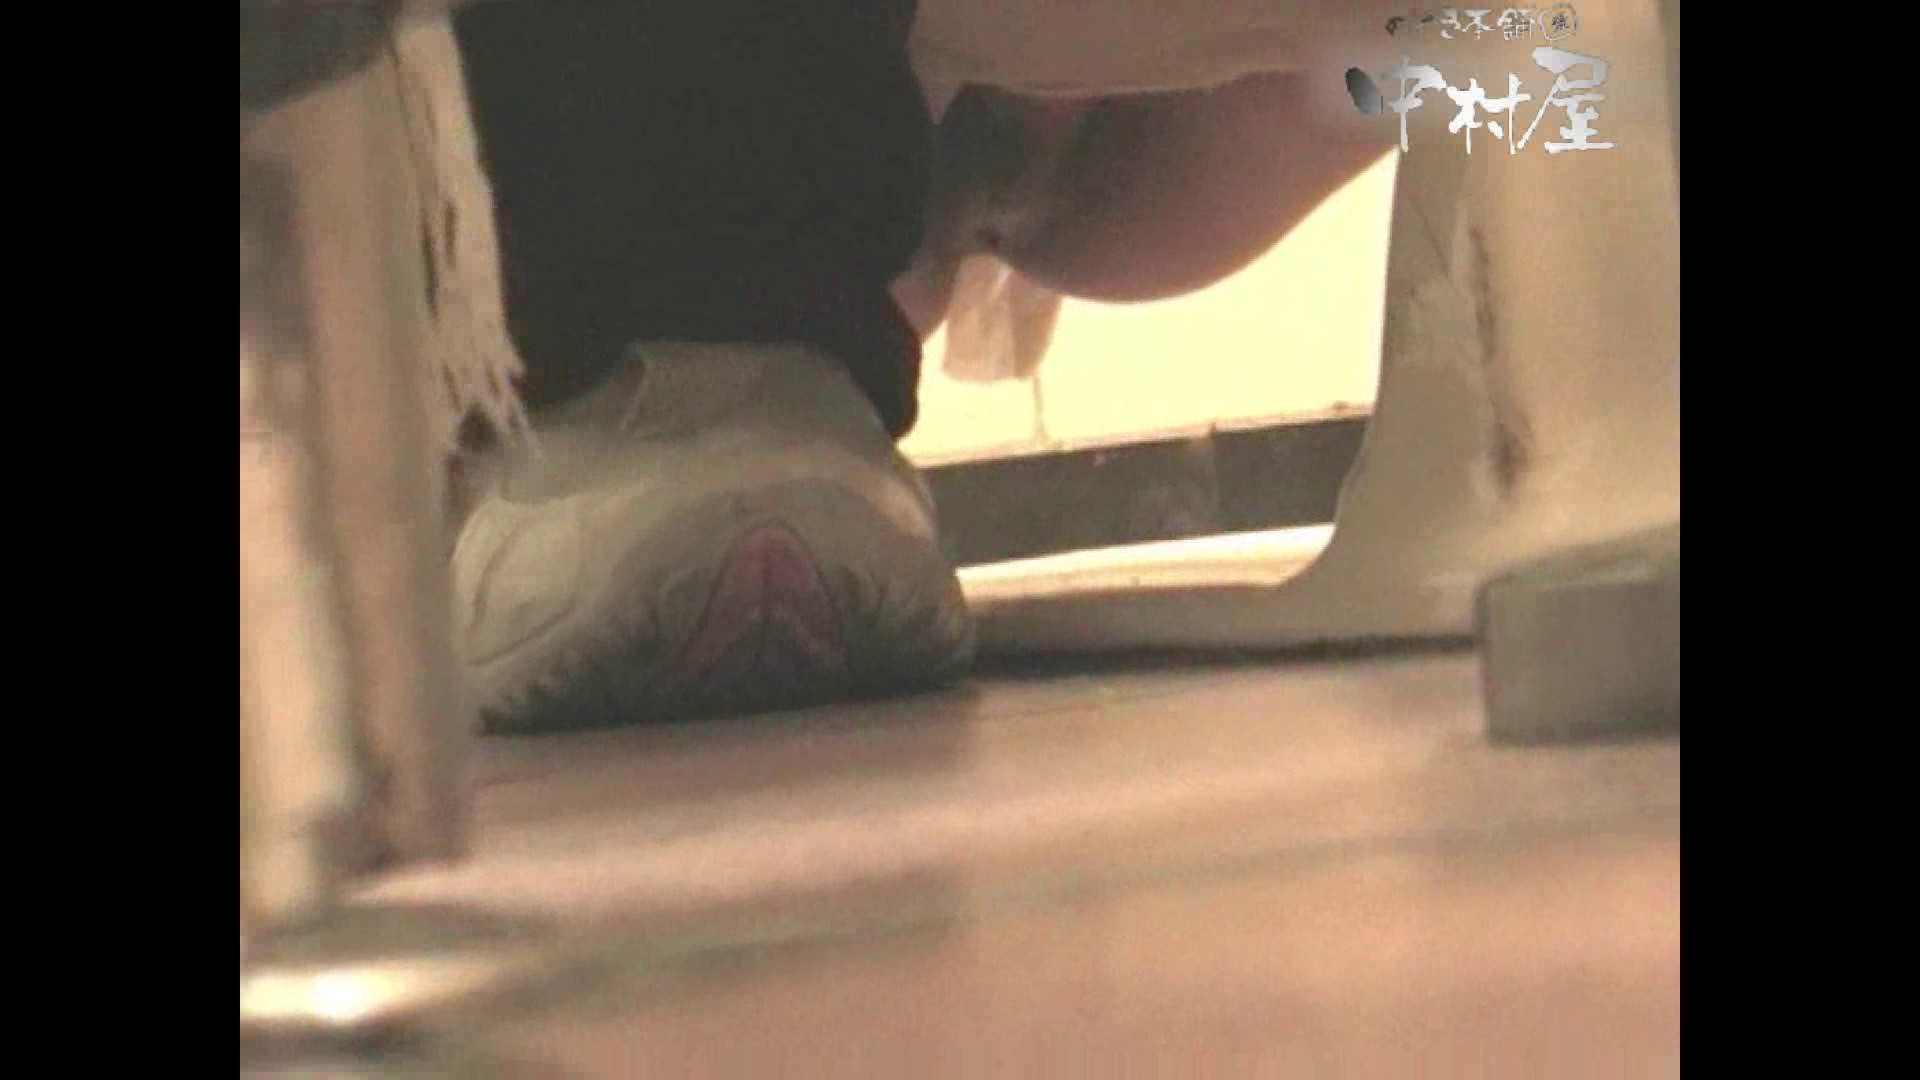 岩手県在住盗撮師盗撮記録vol.05 盗撮師作品 濡れ場動画紹介 77pic 3